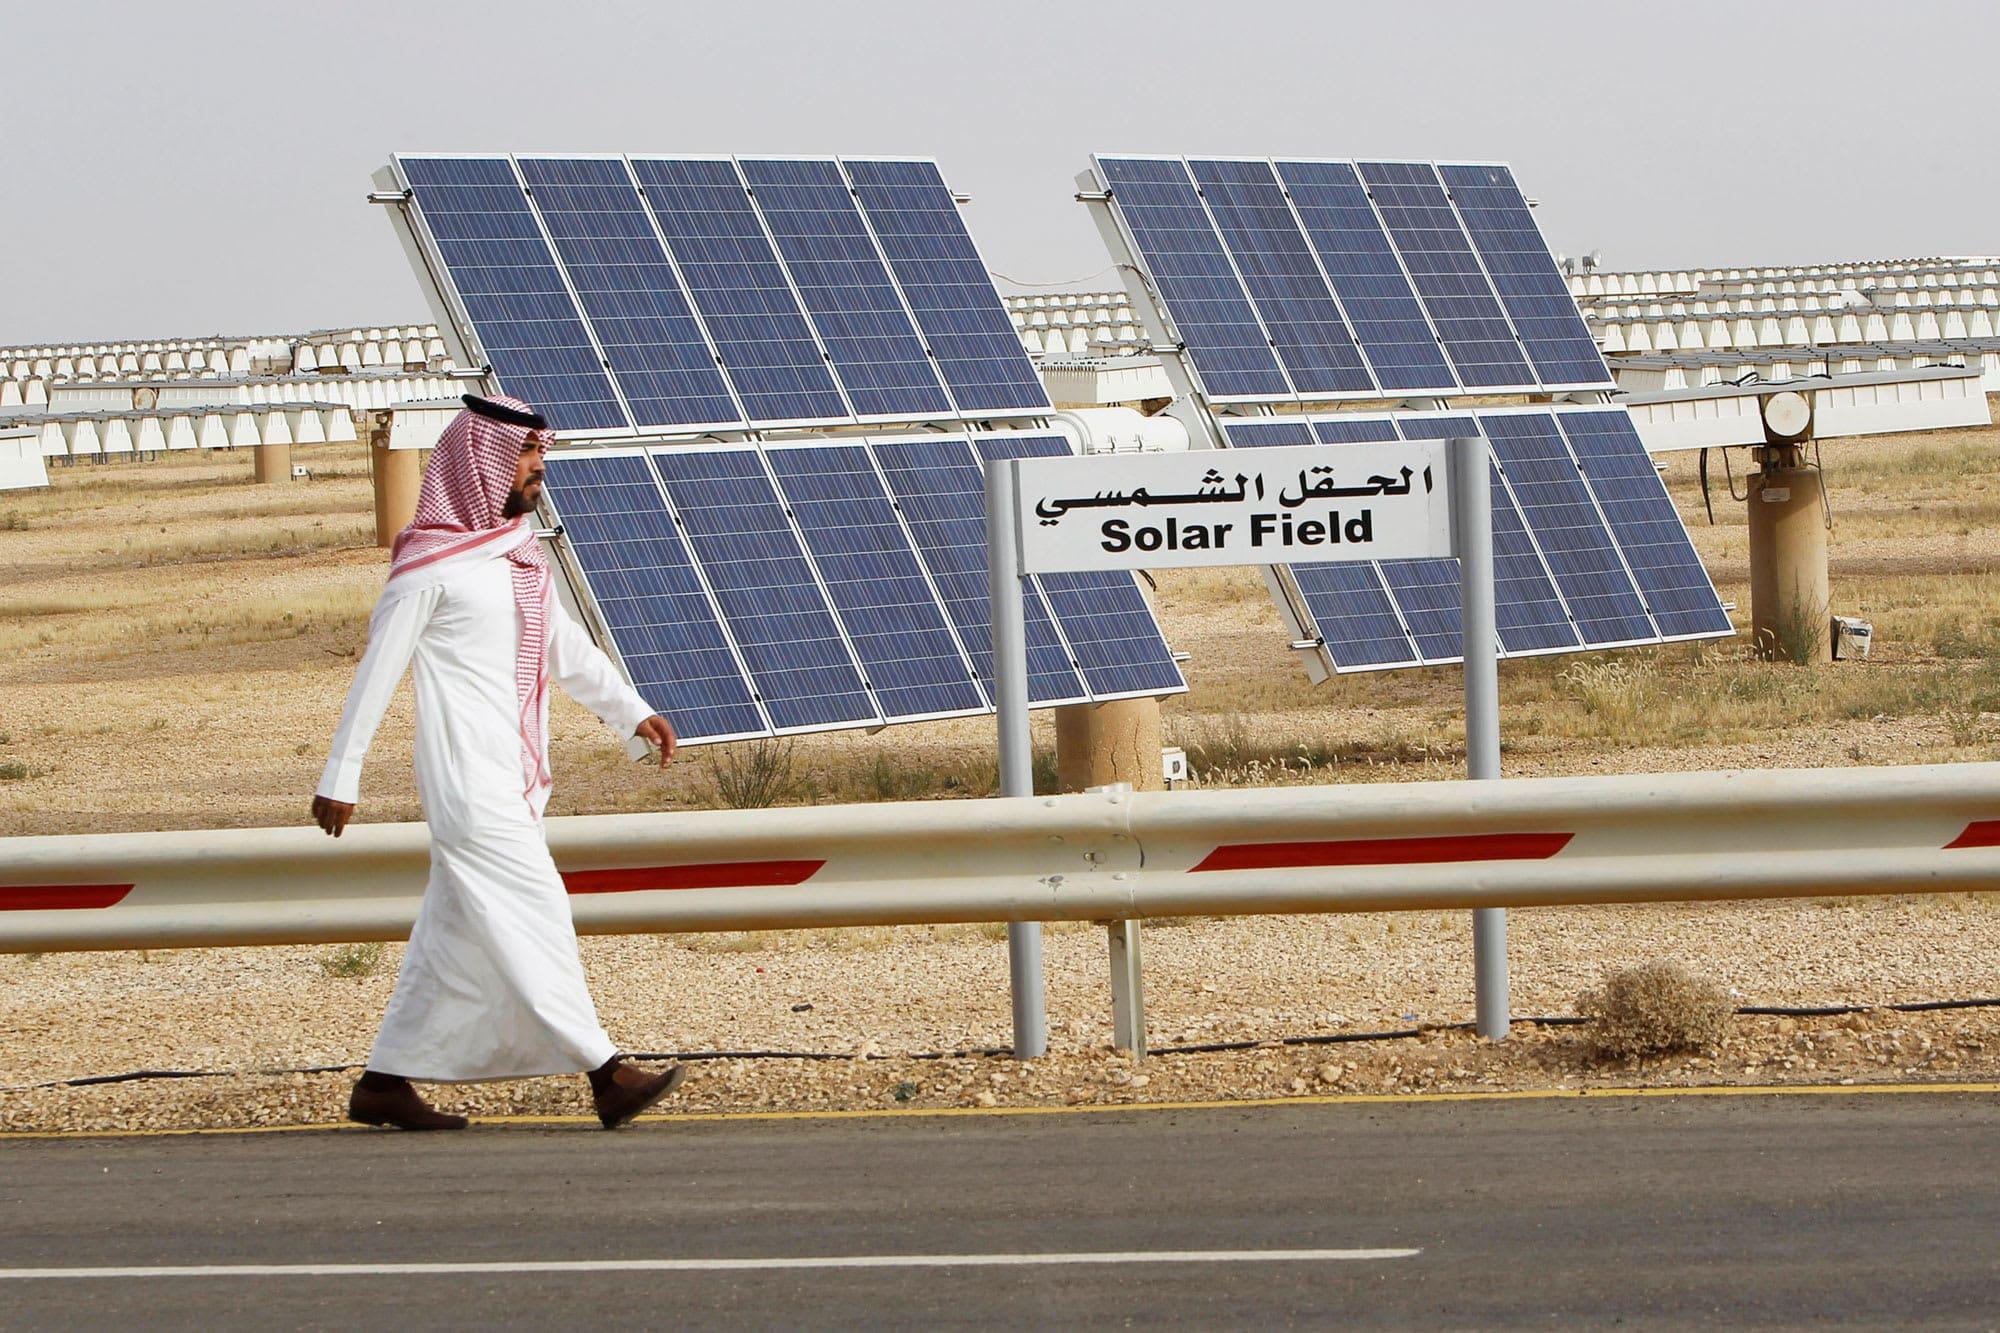 Саудовская Аравия инвестирует $20 млрд в возобновляемую электроэнергетику